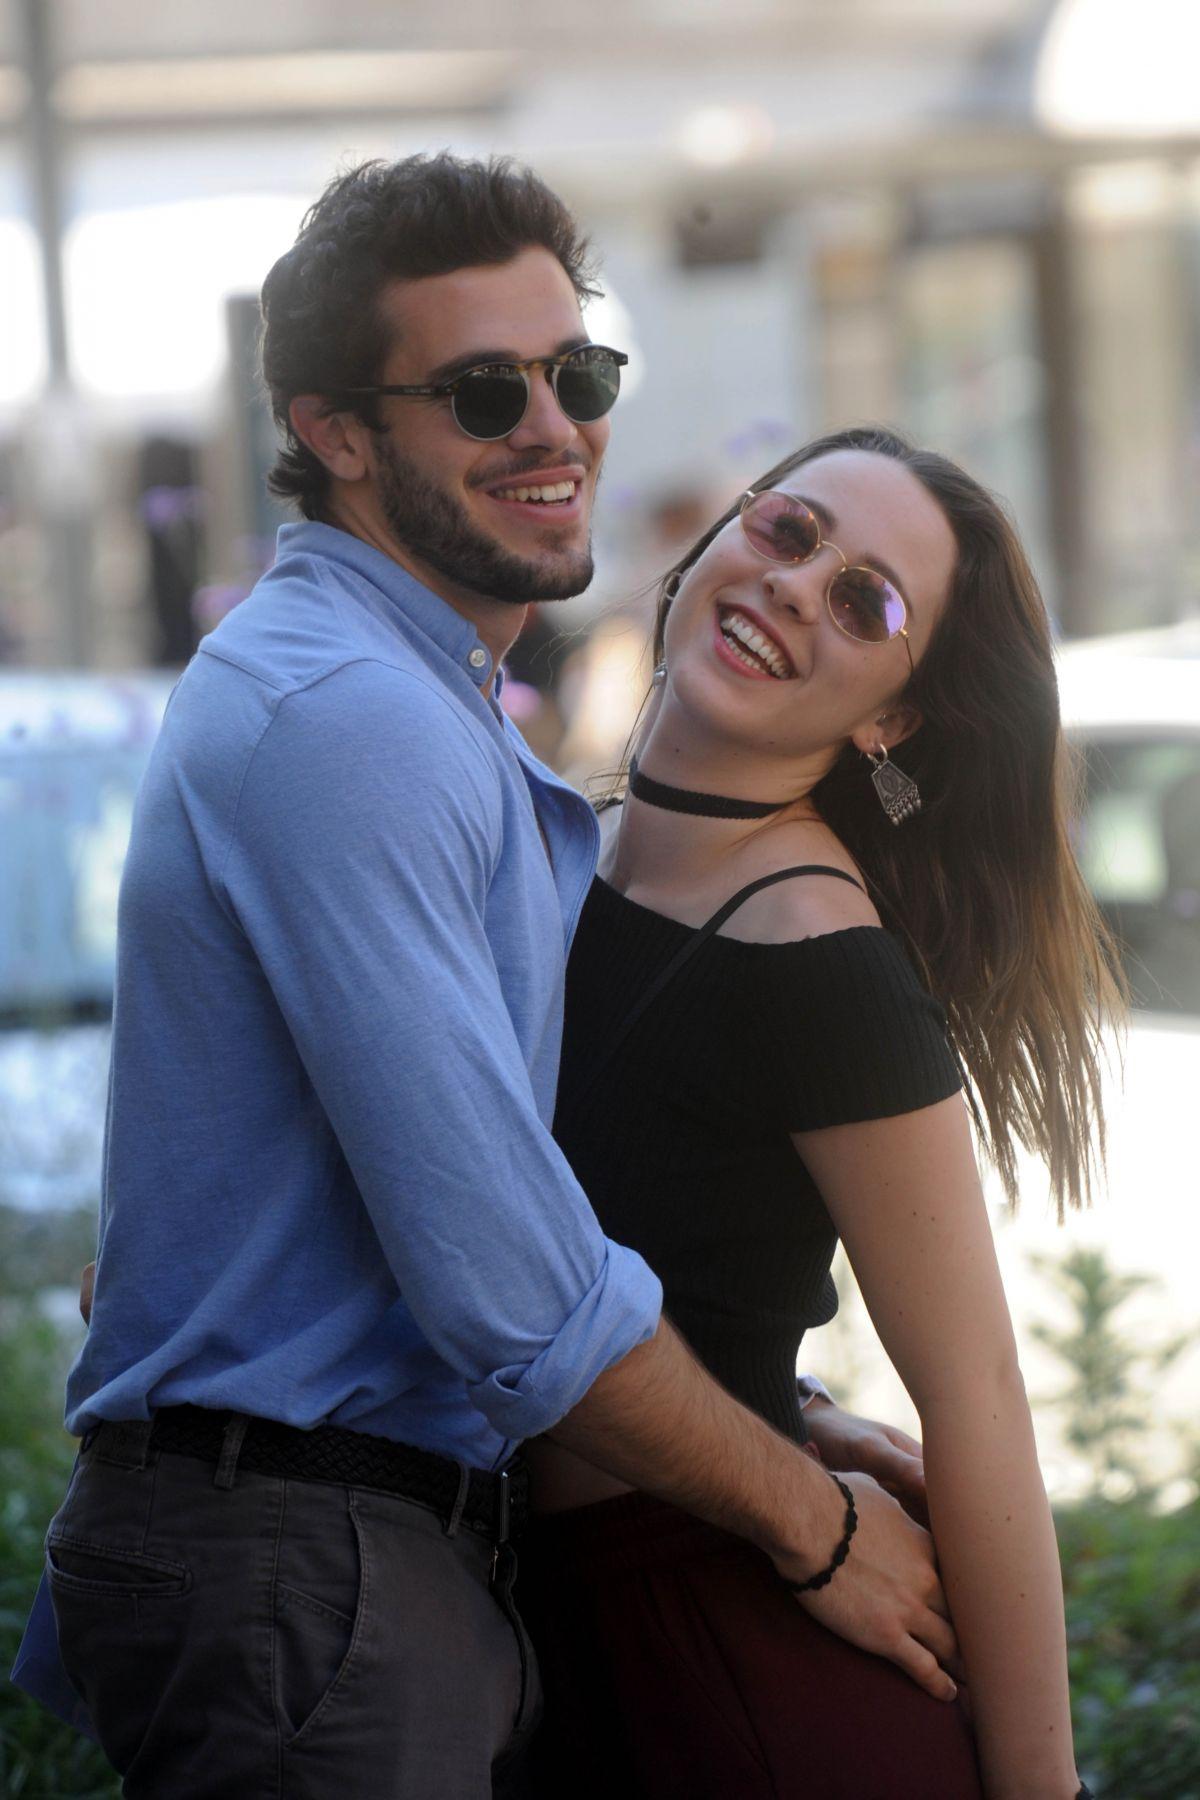 AURORA RAMAZZOTTI Out with Her Boyfriend in Milan 05/30/2017